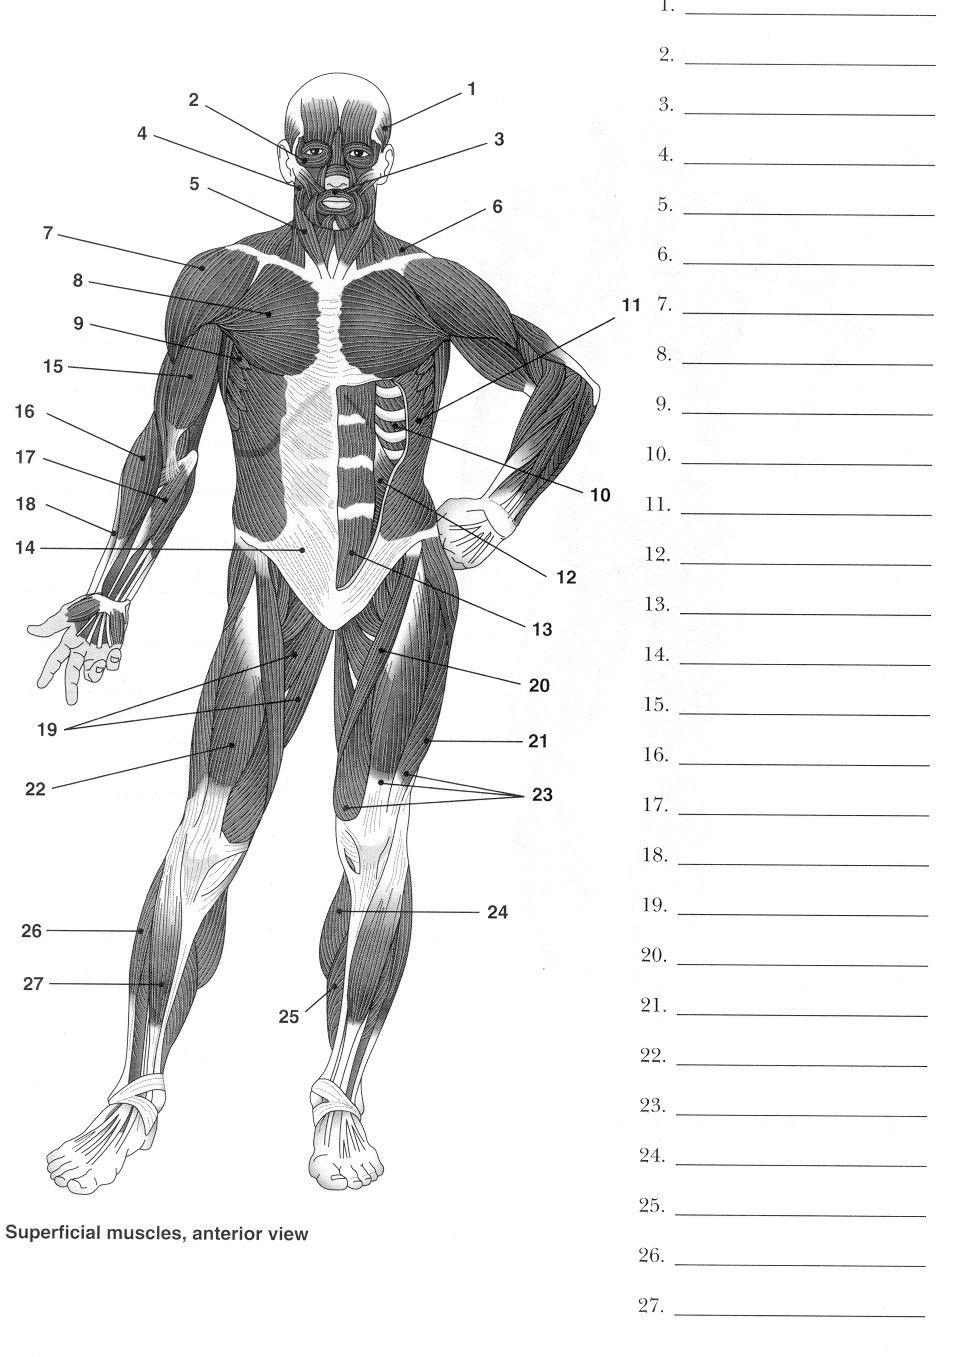 Skeletal Muscle Labeled Diagram Print Genie Excelerator Garage Door Opener Wiring Label Muscles Worksheet Body Pinterest Anatomy And